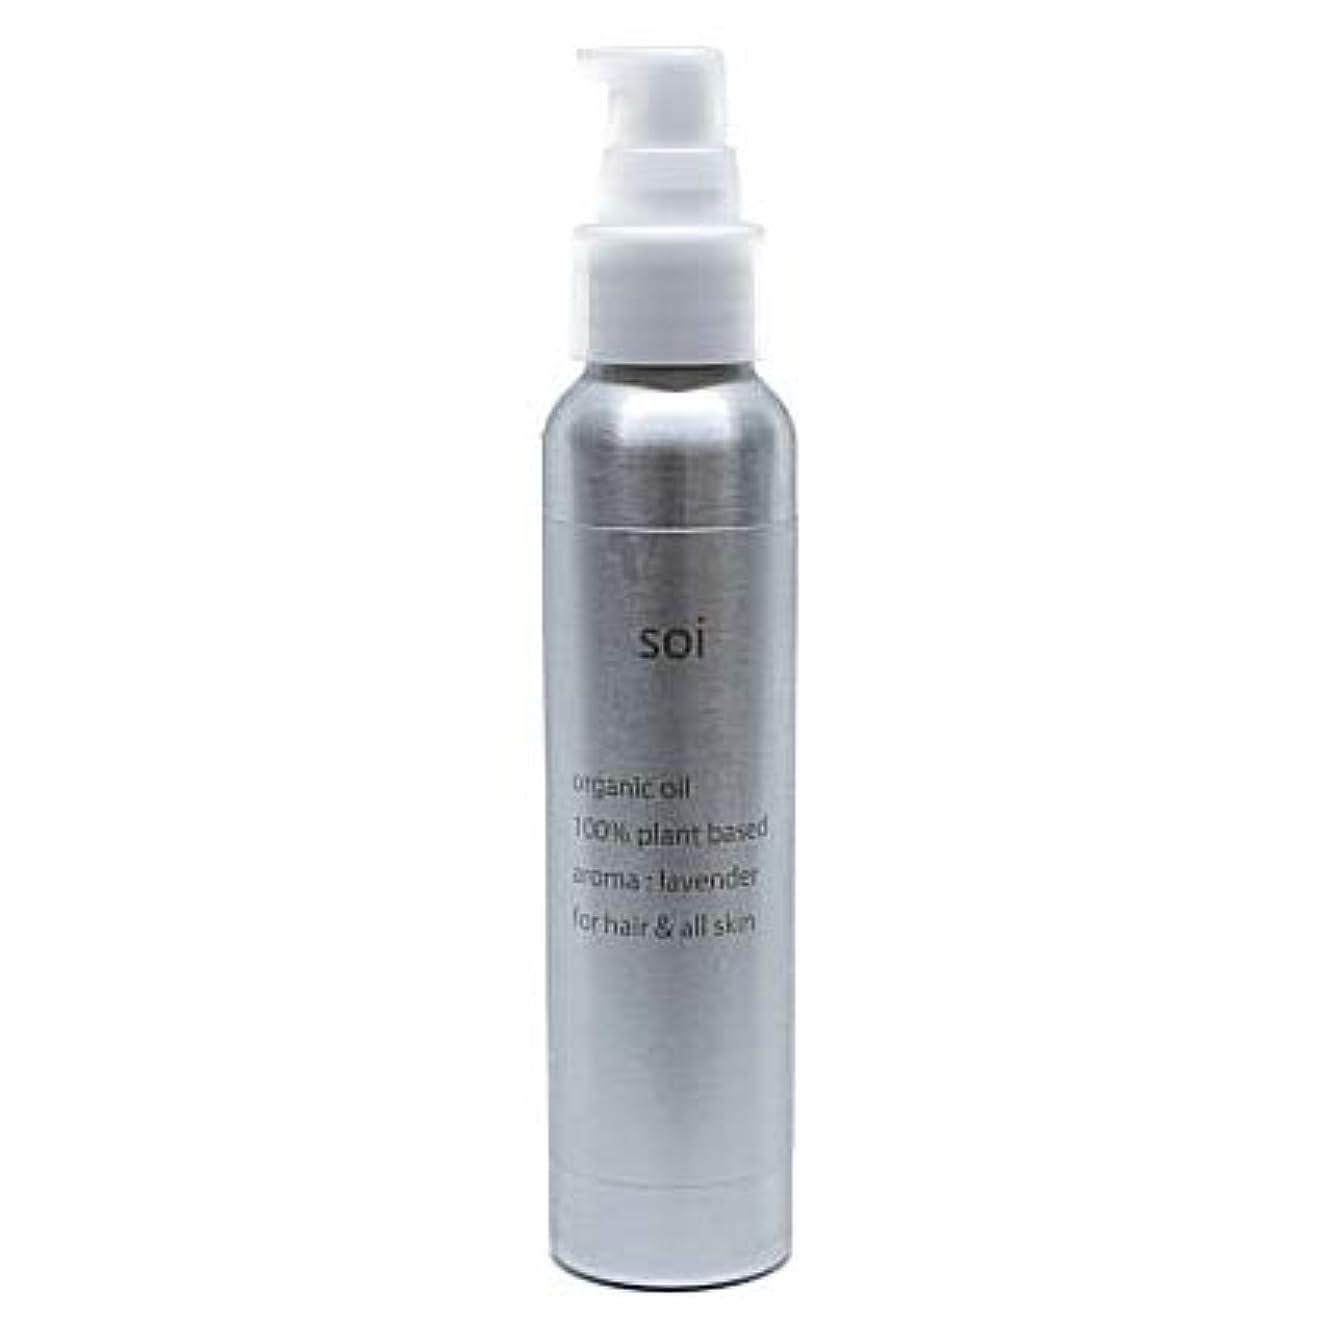 成熟耐えられないホテルsoioil/ソイオイル オーガニックオイル【濡れ感×自然な束感】濡れ髪風仕上げにおすすめ